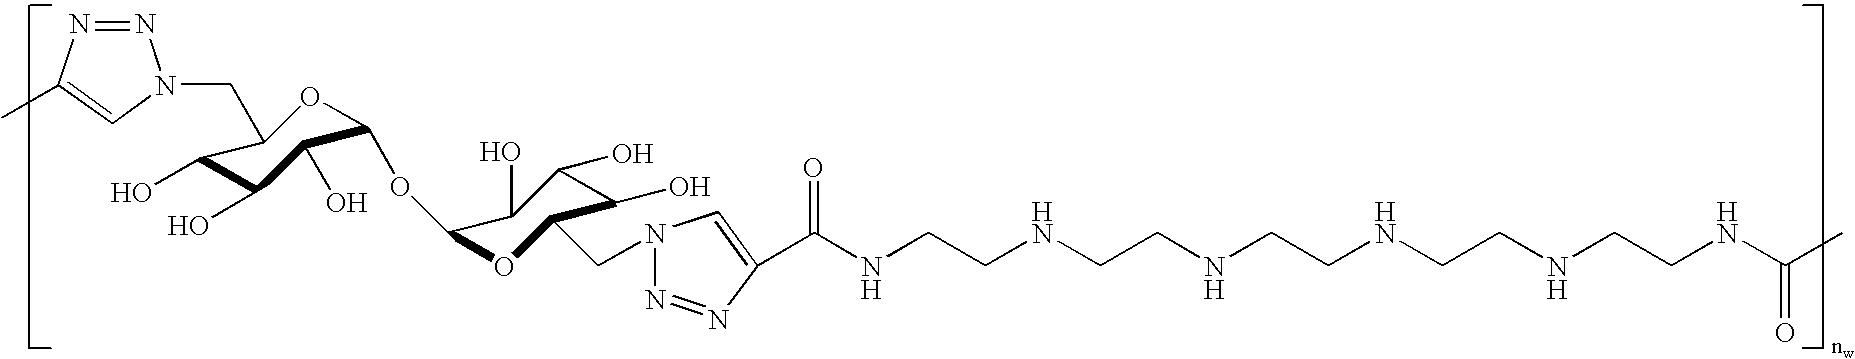 Figure US20090124534A1-20090514-C00013